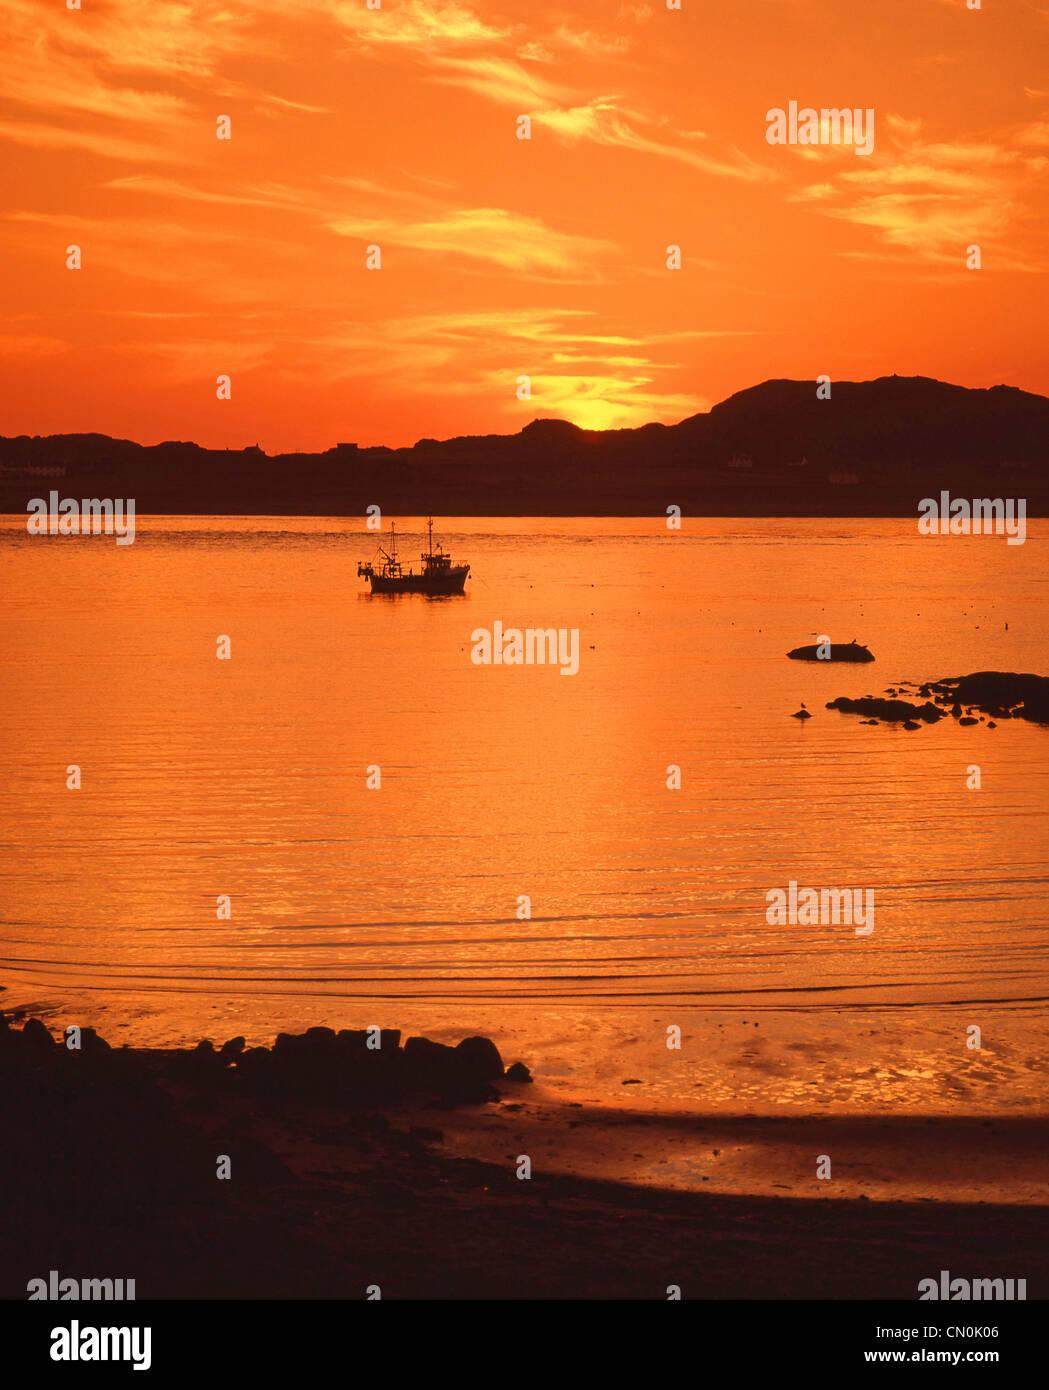 Isle of Mull at sunset, Argyll and Bute, Scotland, United Kingdom - Stock Image